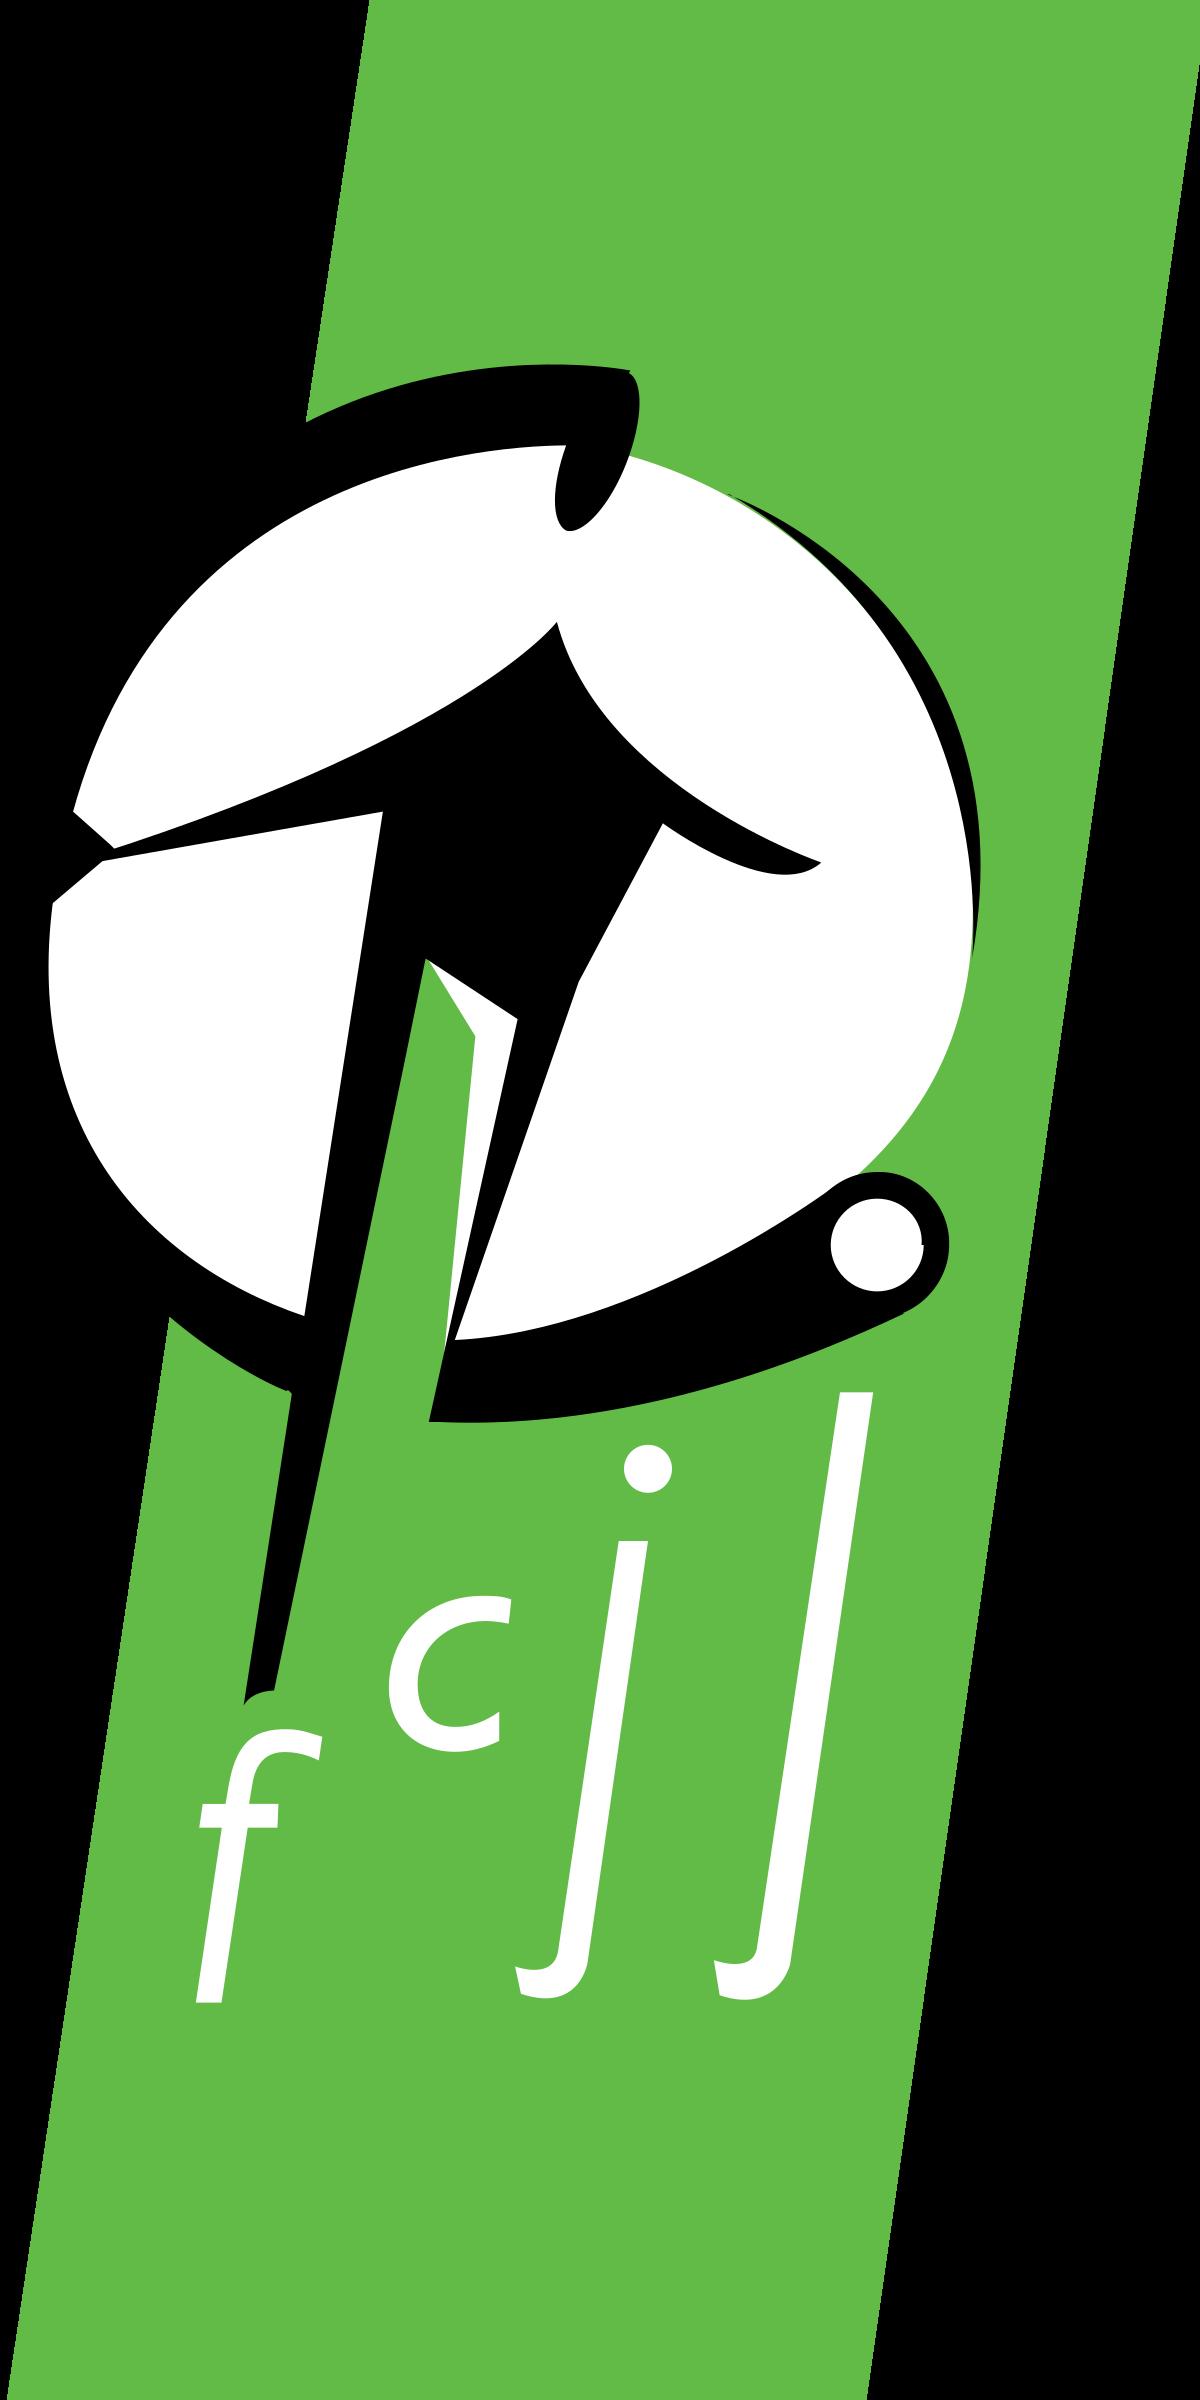 Jeunesse Junglinster team logo